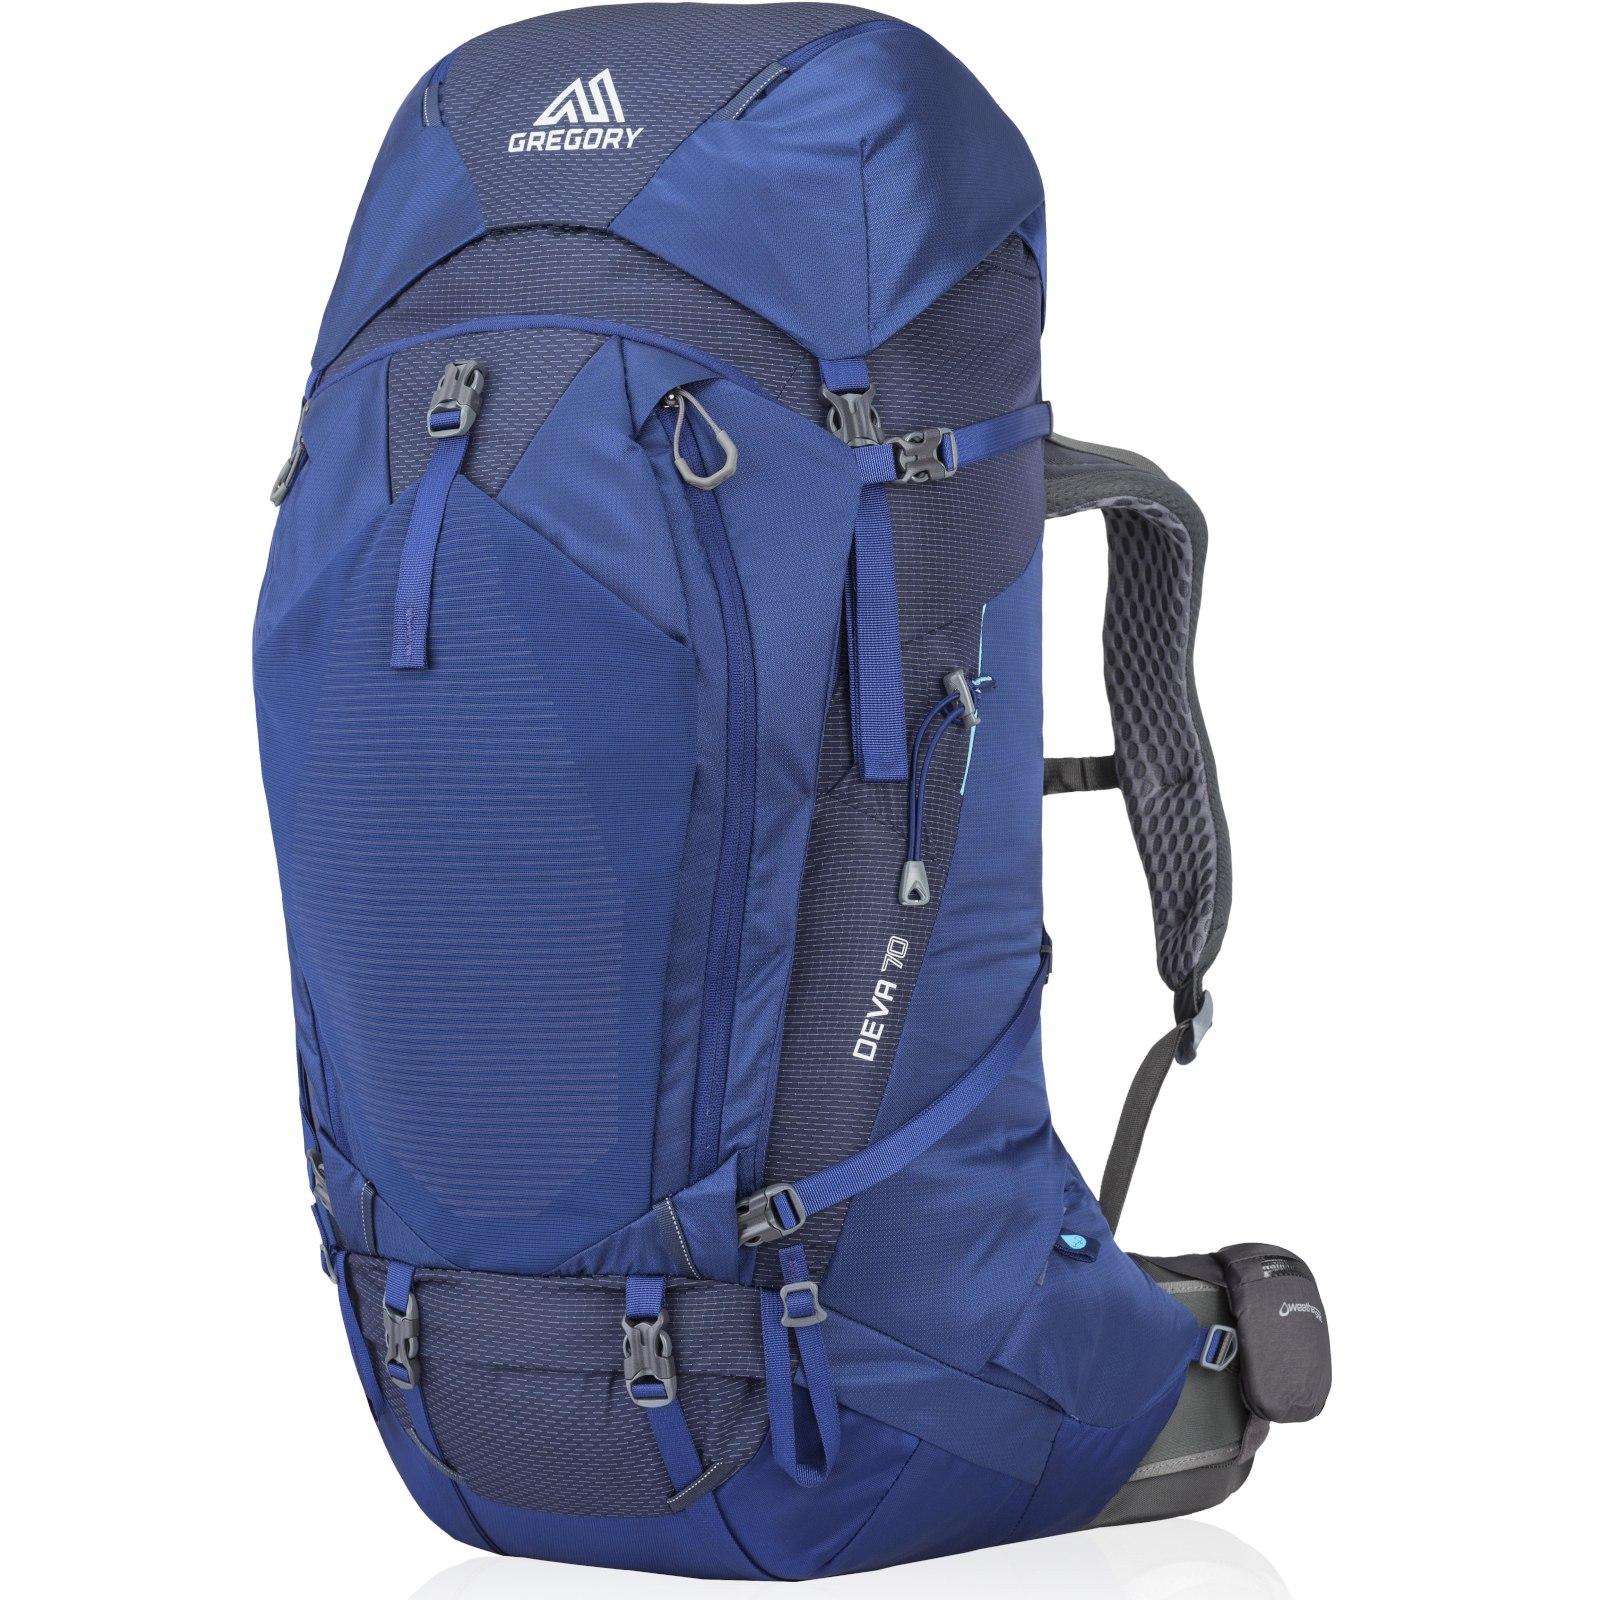 Gregory Deva 70 Women's Backpack - Nocturne Blue